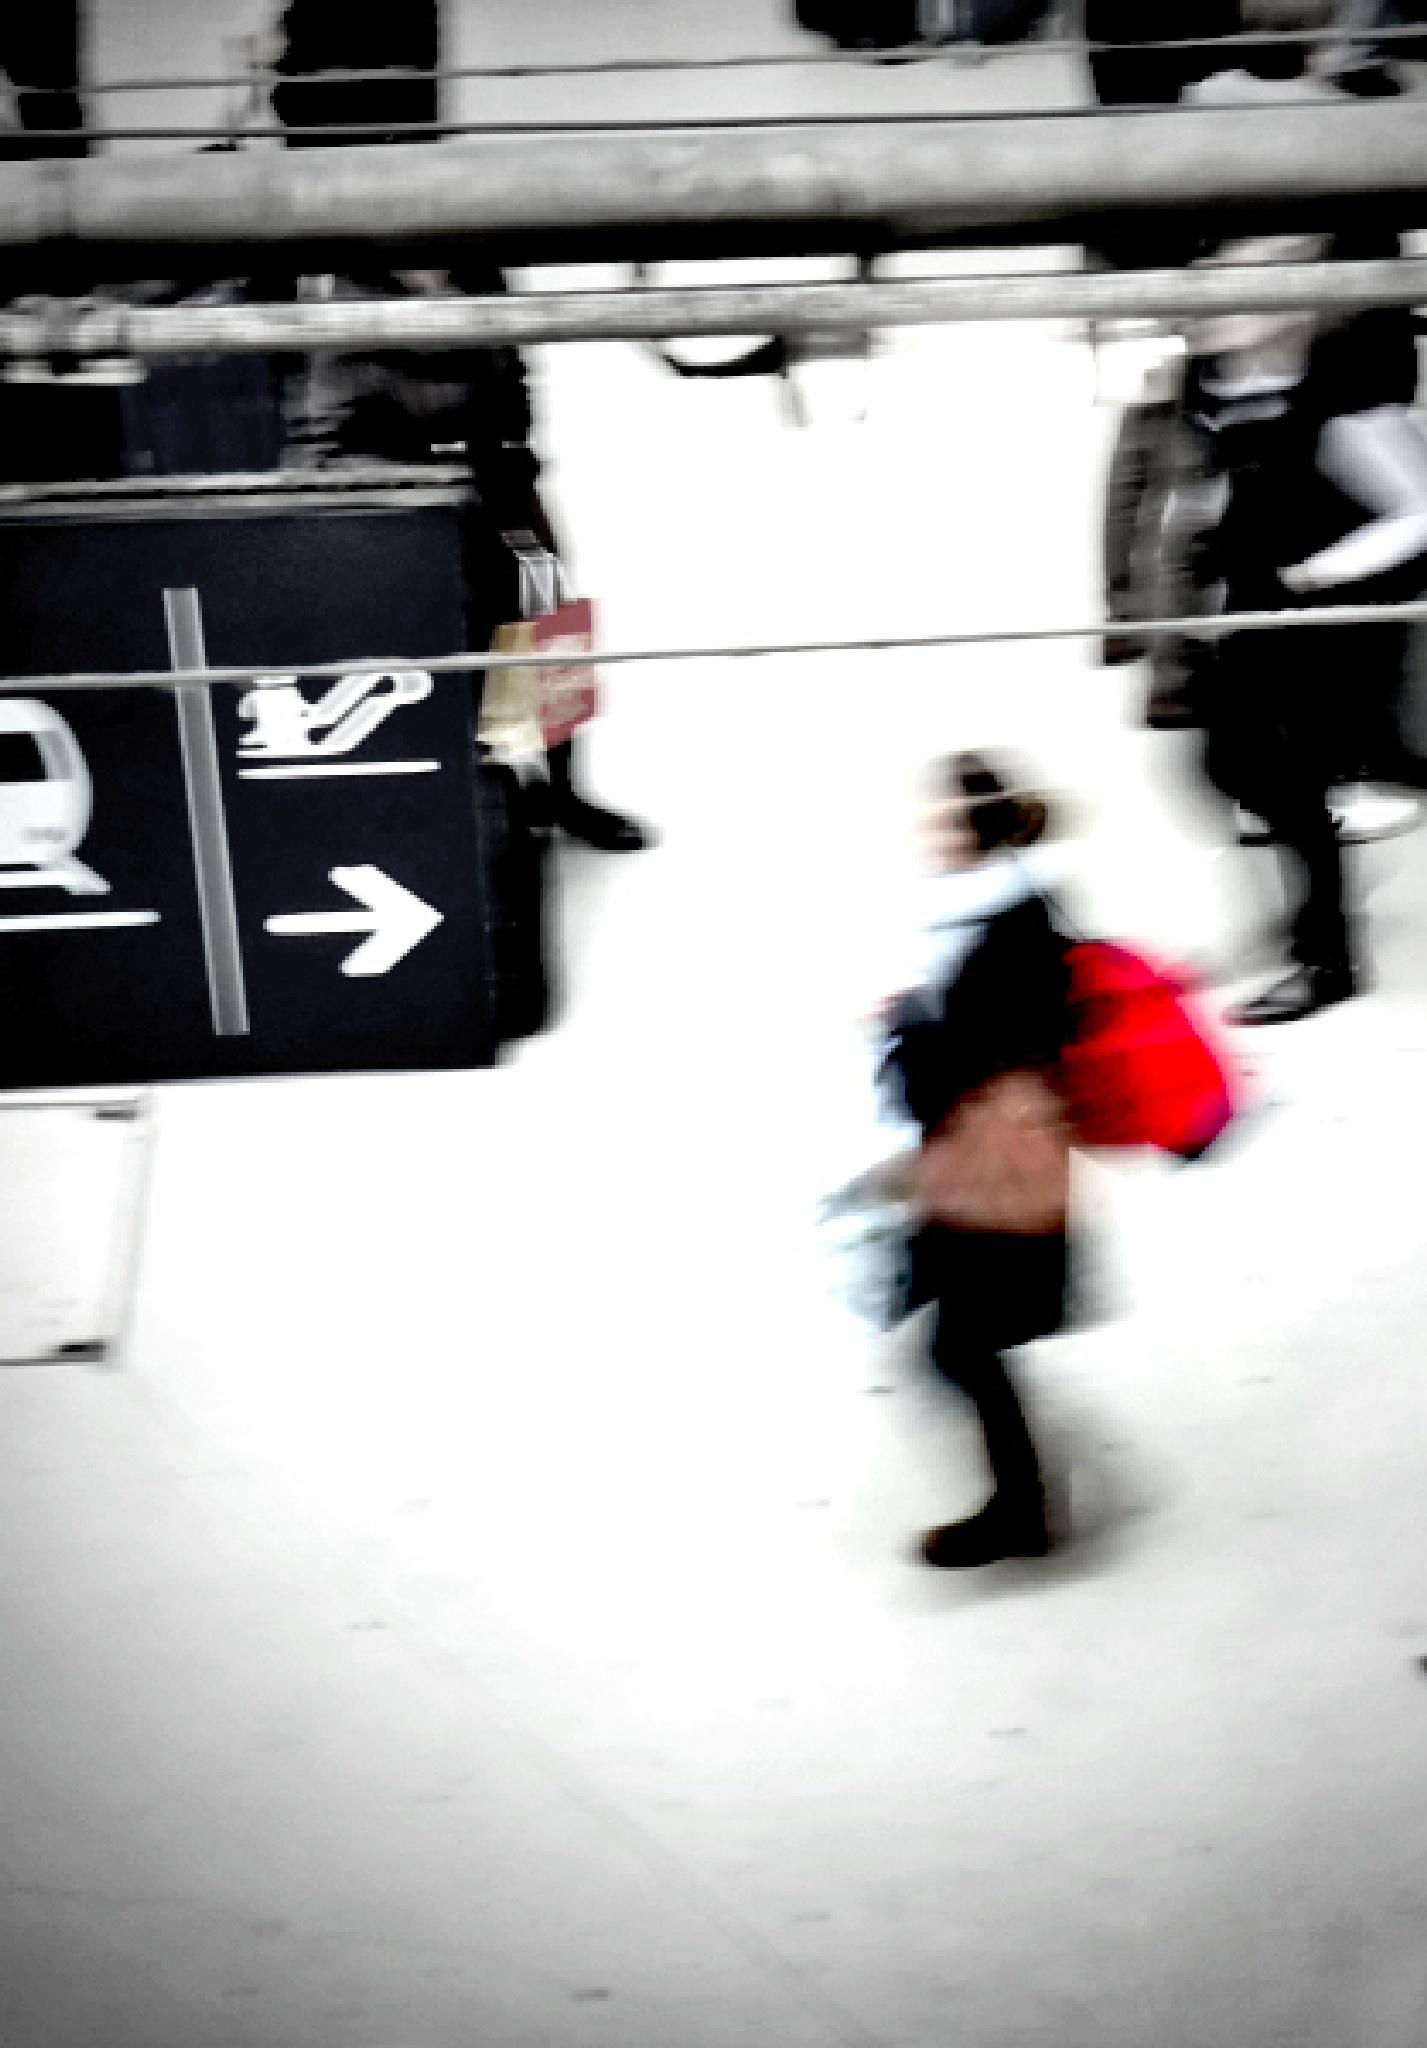 Paris, Gare du Nord by Gernot Schwarz